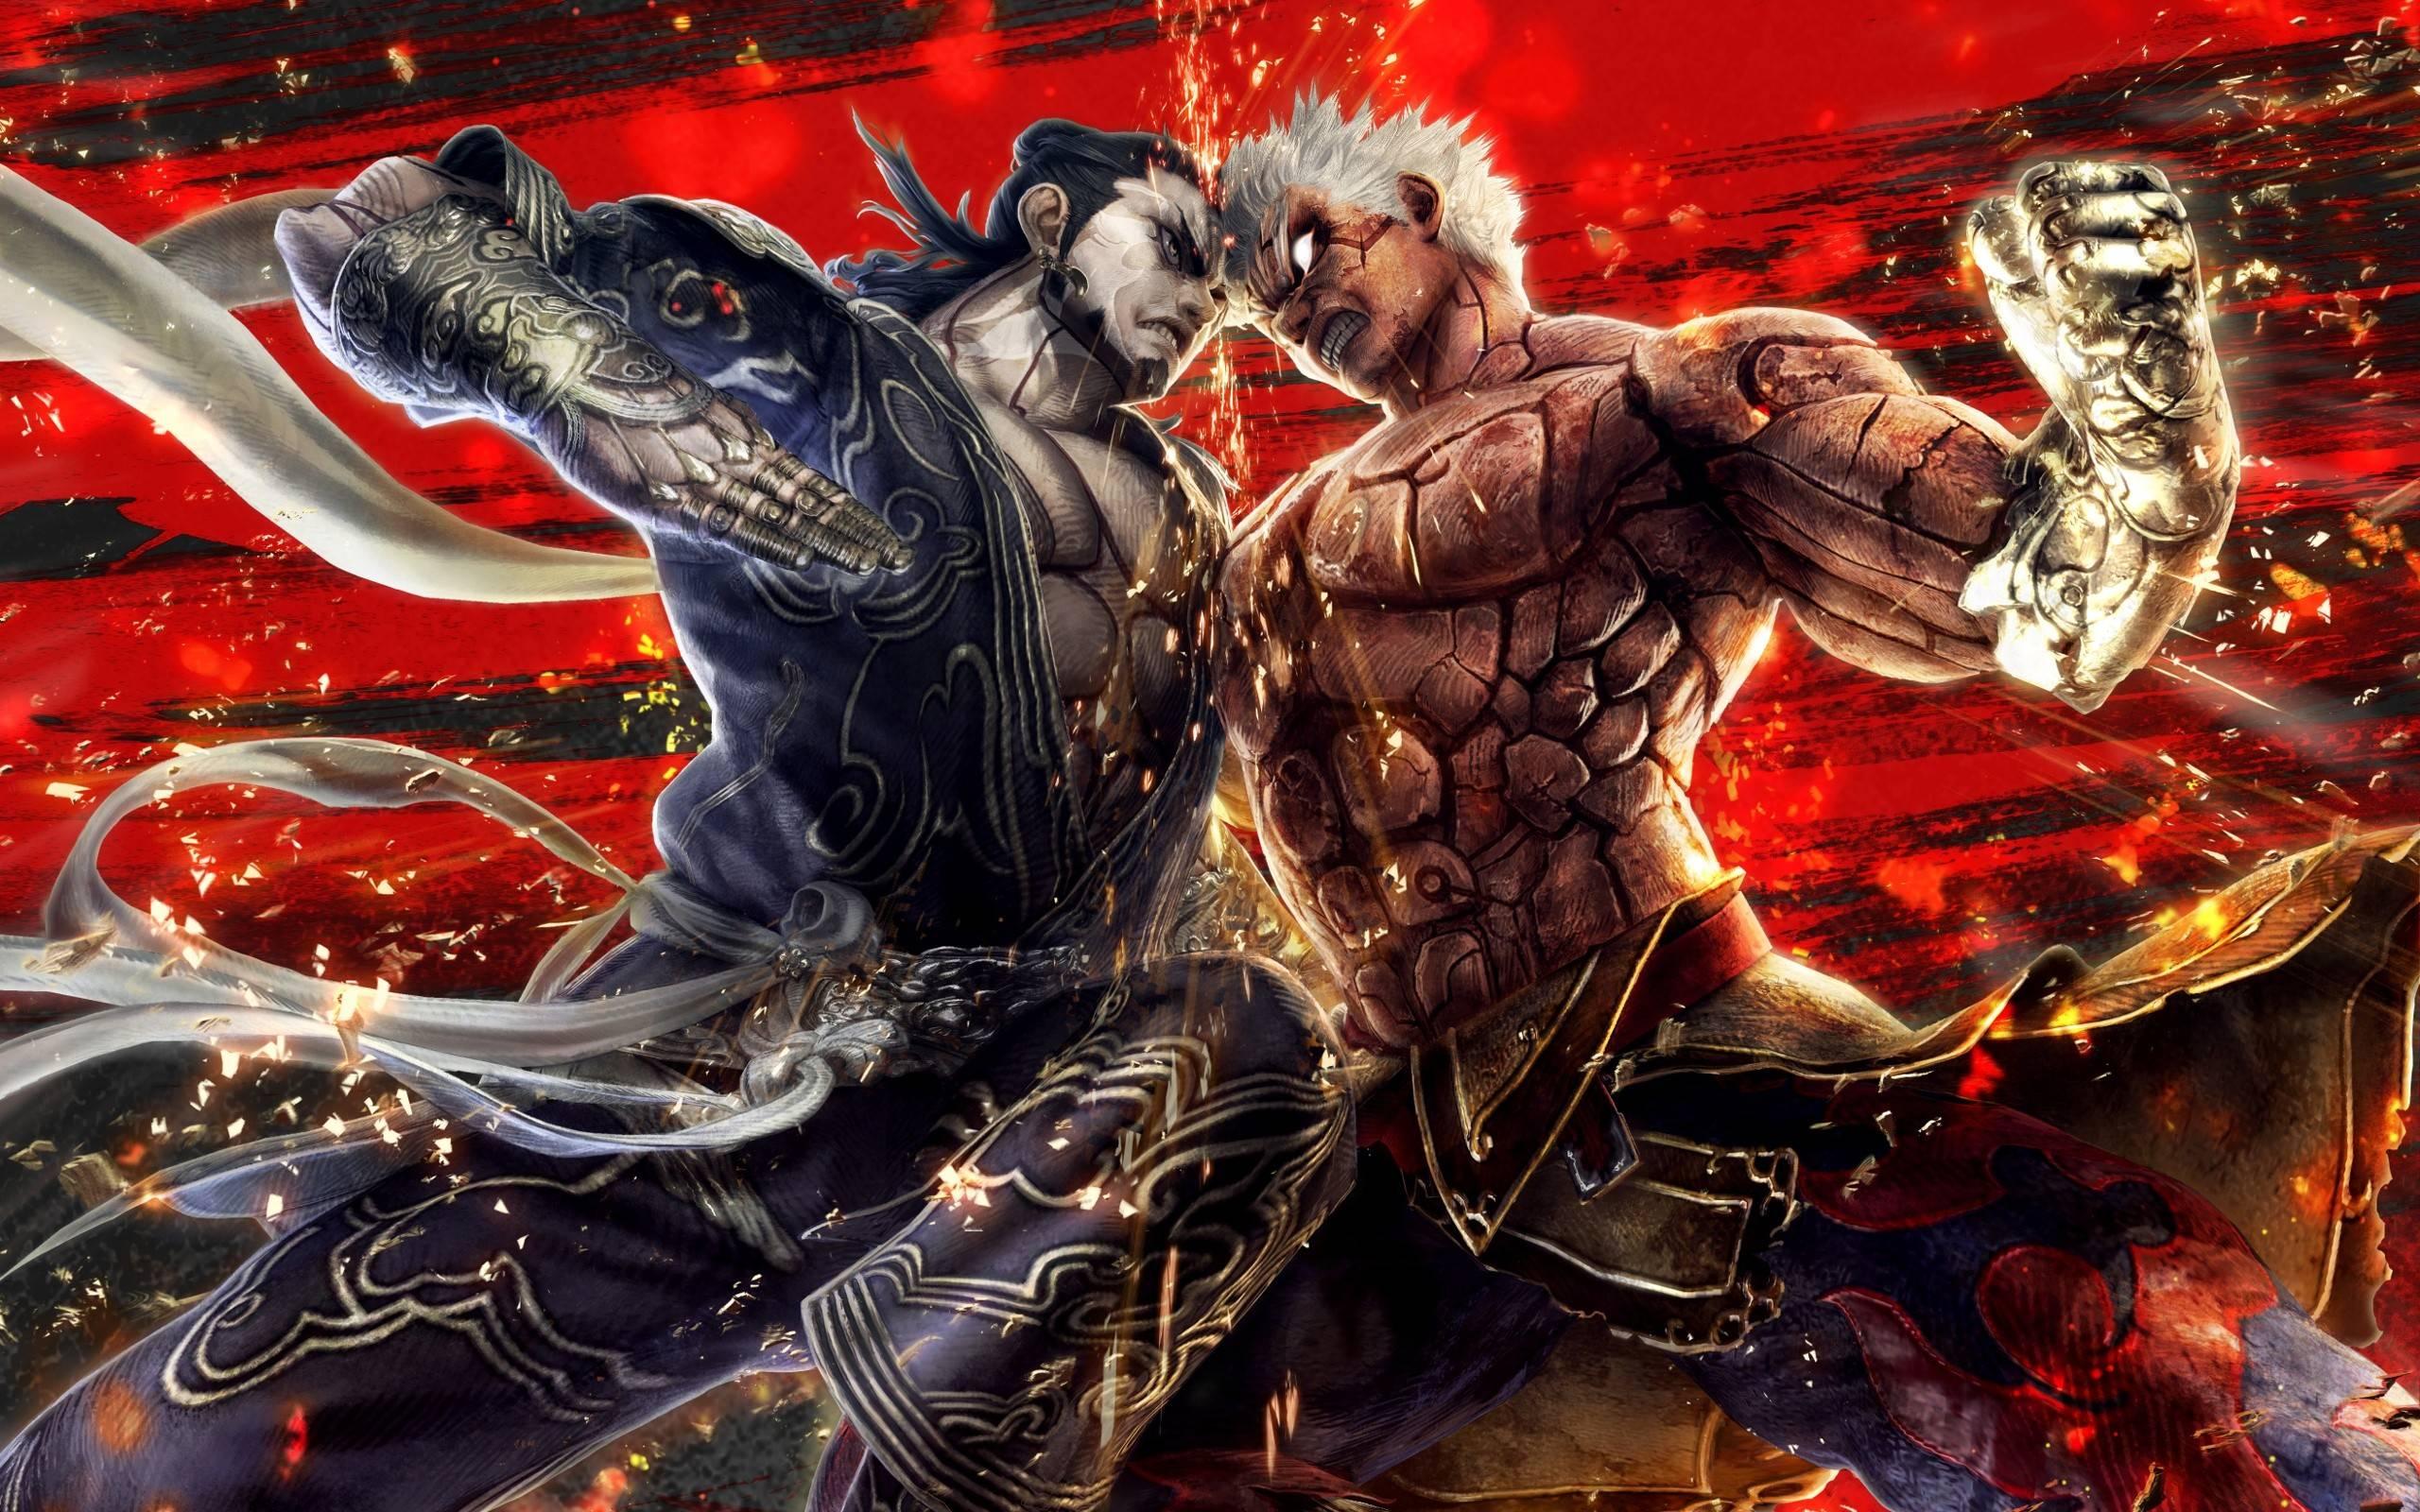 Tekken Wallpapers Top Free Tekken Backgrounds Wallpaperaccess